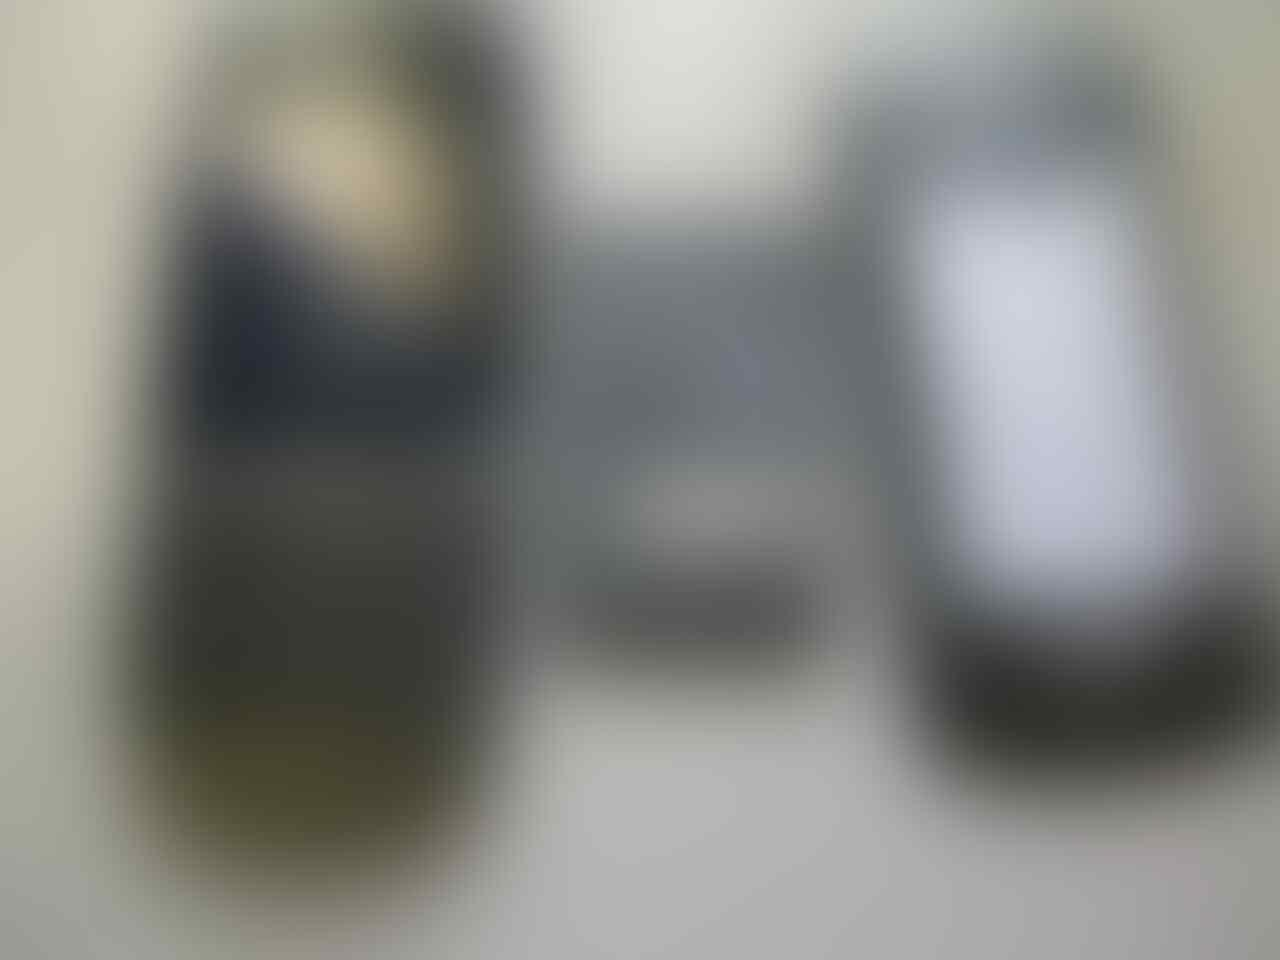 Nokia ASHA 300 - umur baru 20 hari & Masih Garansi Panjangggggg